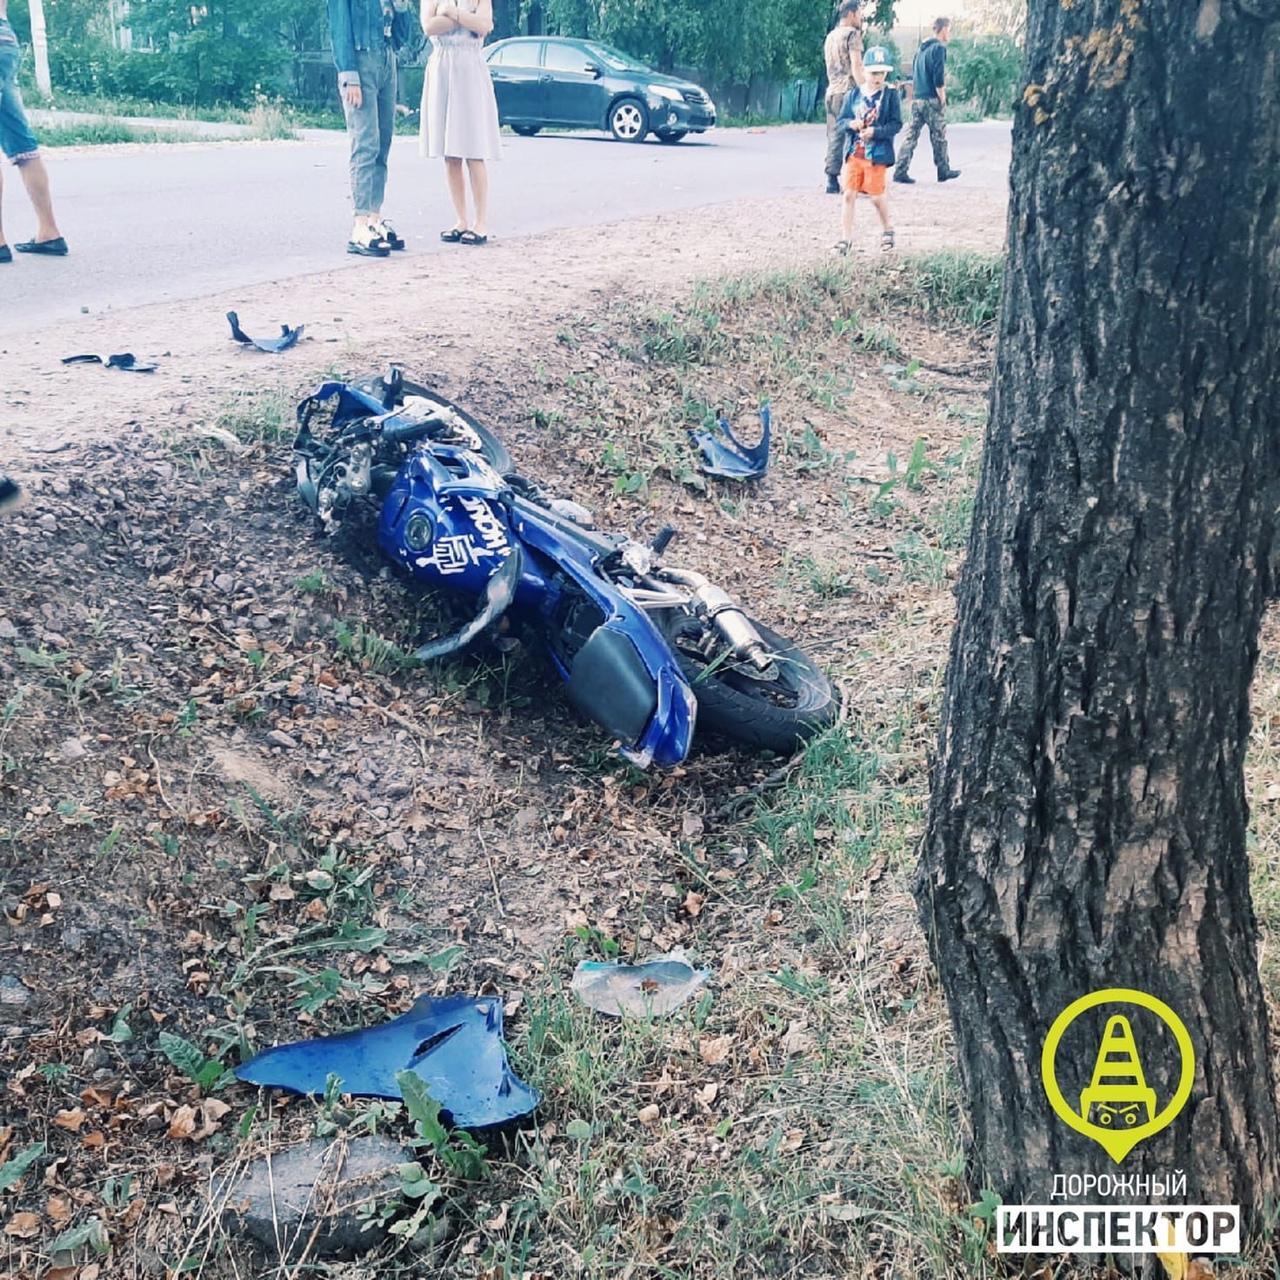 Примерно в 21:18 на перекрестке Куприна и Заводской в Гатчине, произошло столкновение автомобиля Toy...